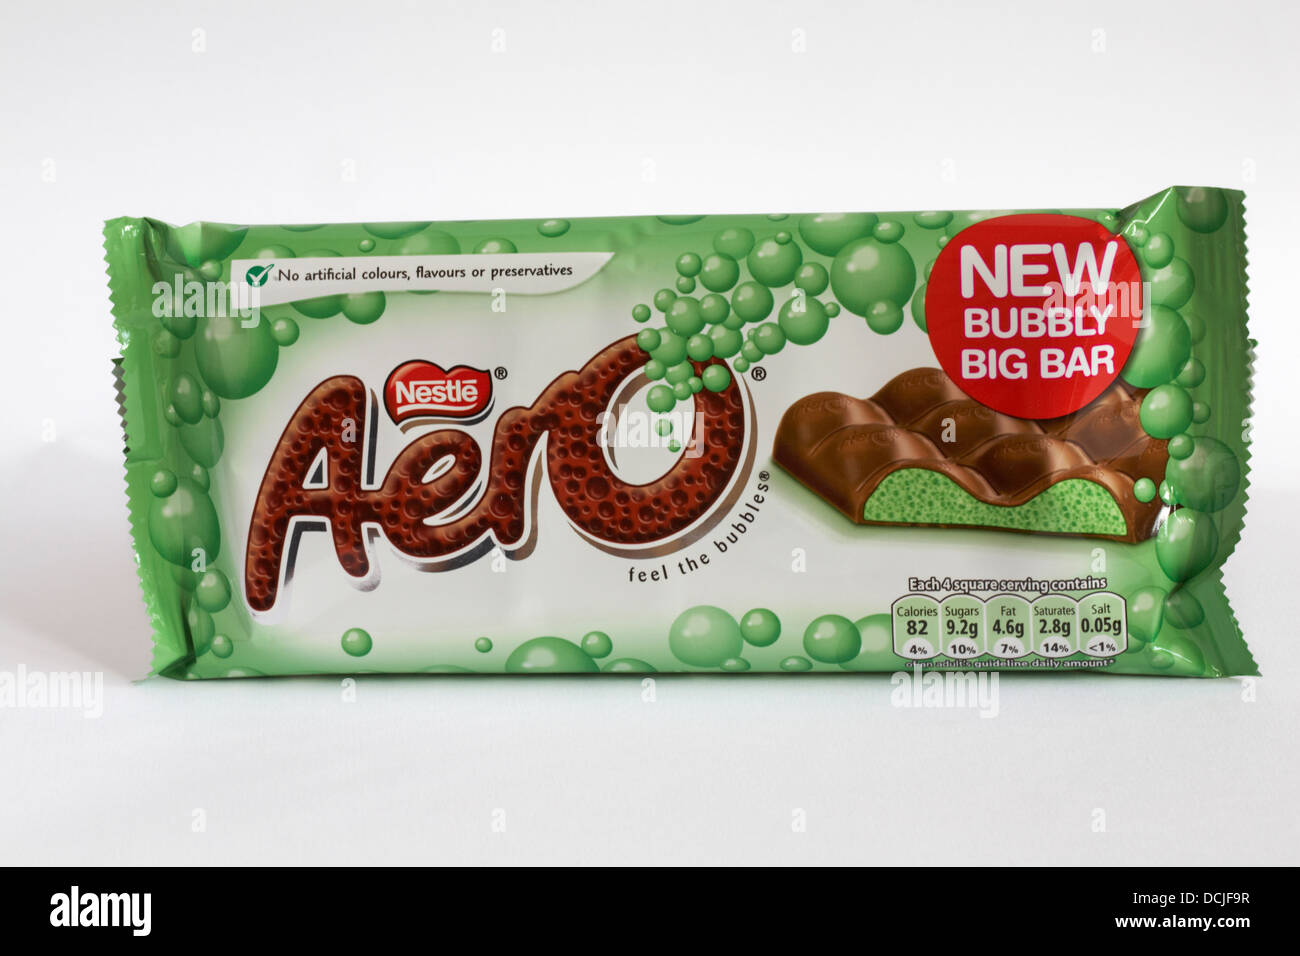 bar of Nestle Mint aero new bubbly big bar of chocolate isolated on white background - Stock Image